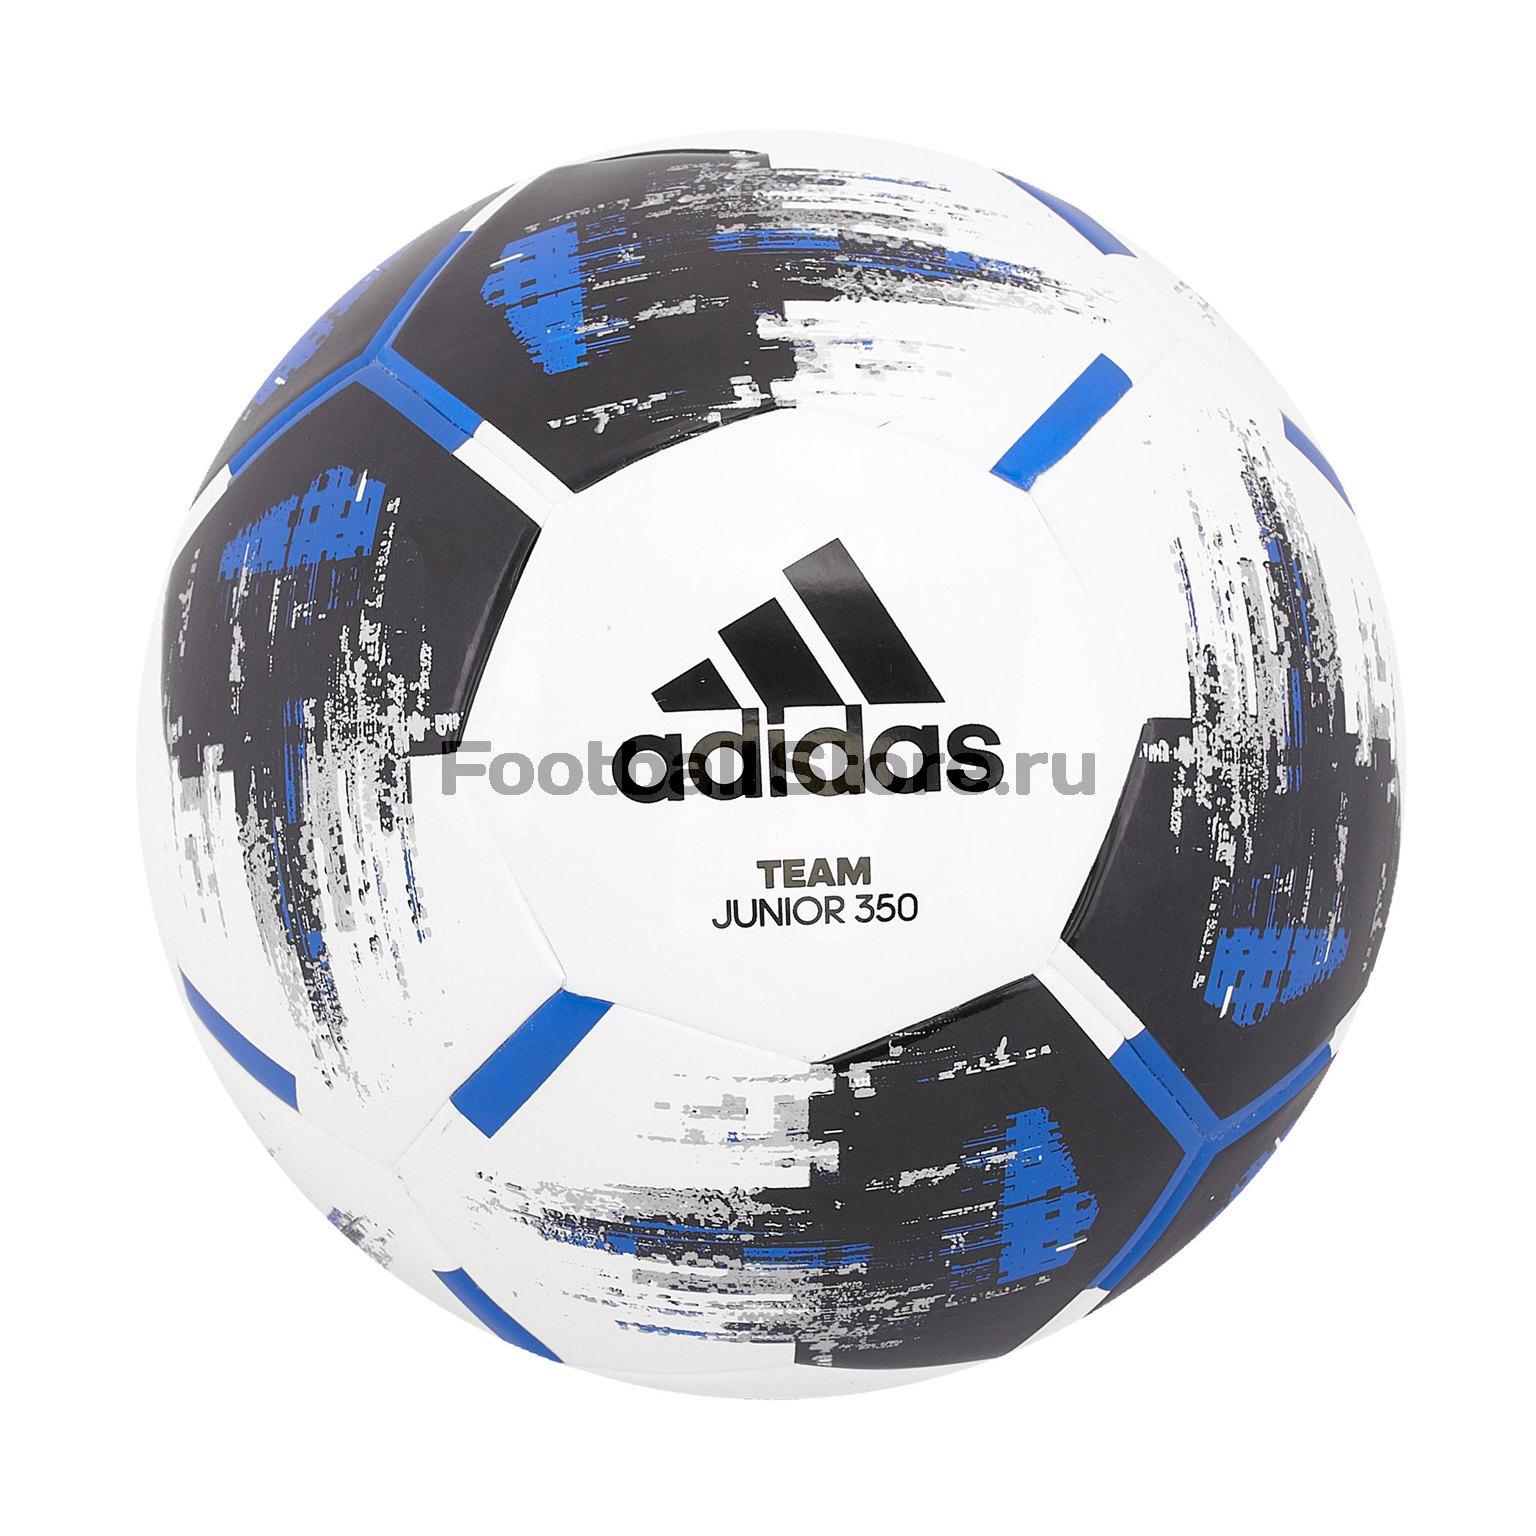 Футбольный мяч Adidas Team J350 CZ9573 сковорода 20 см pensofal сковорода 20 см